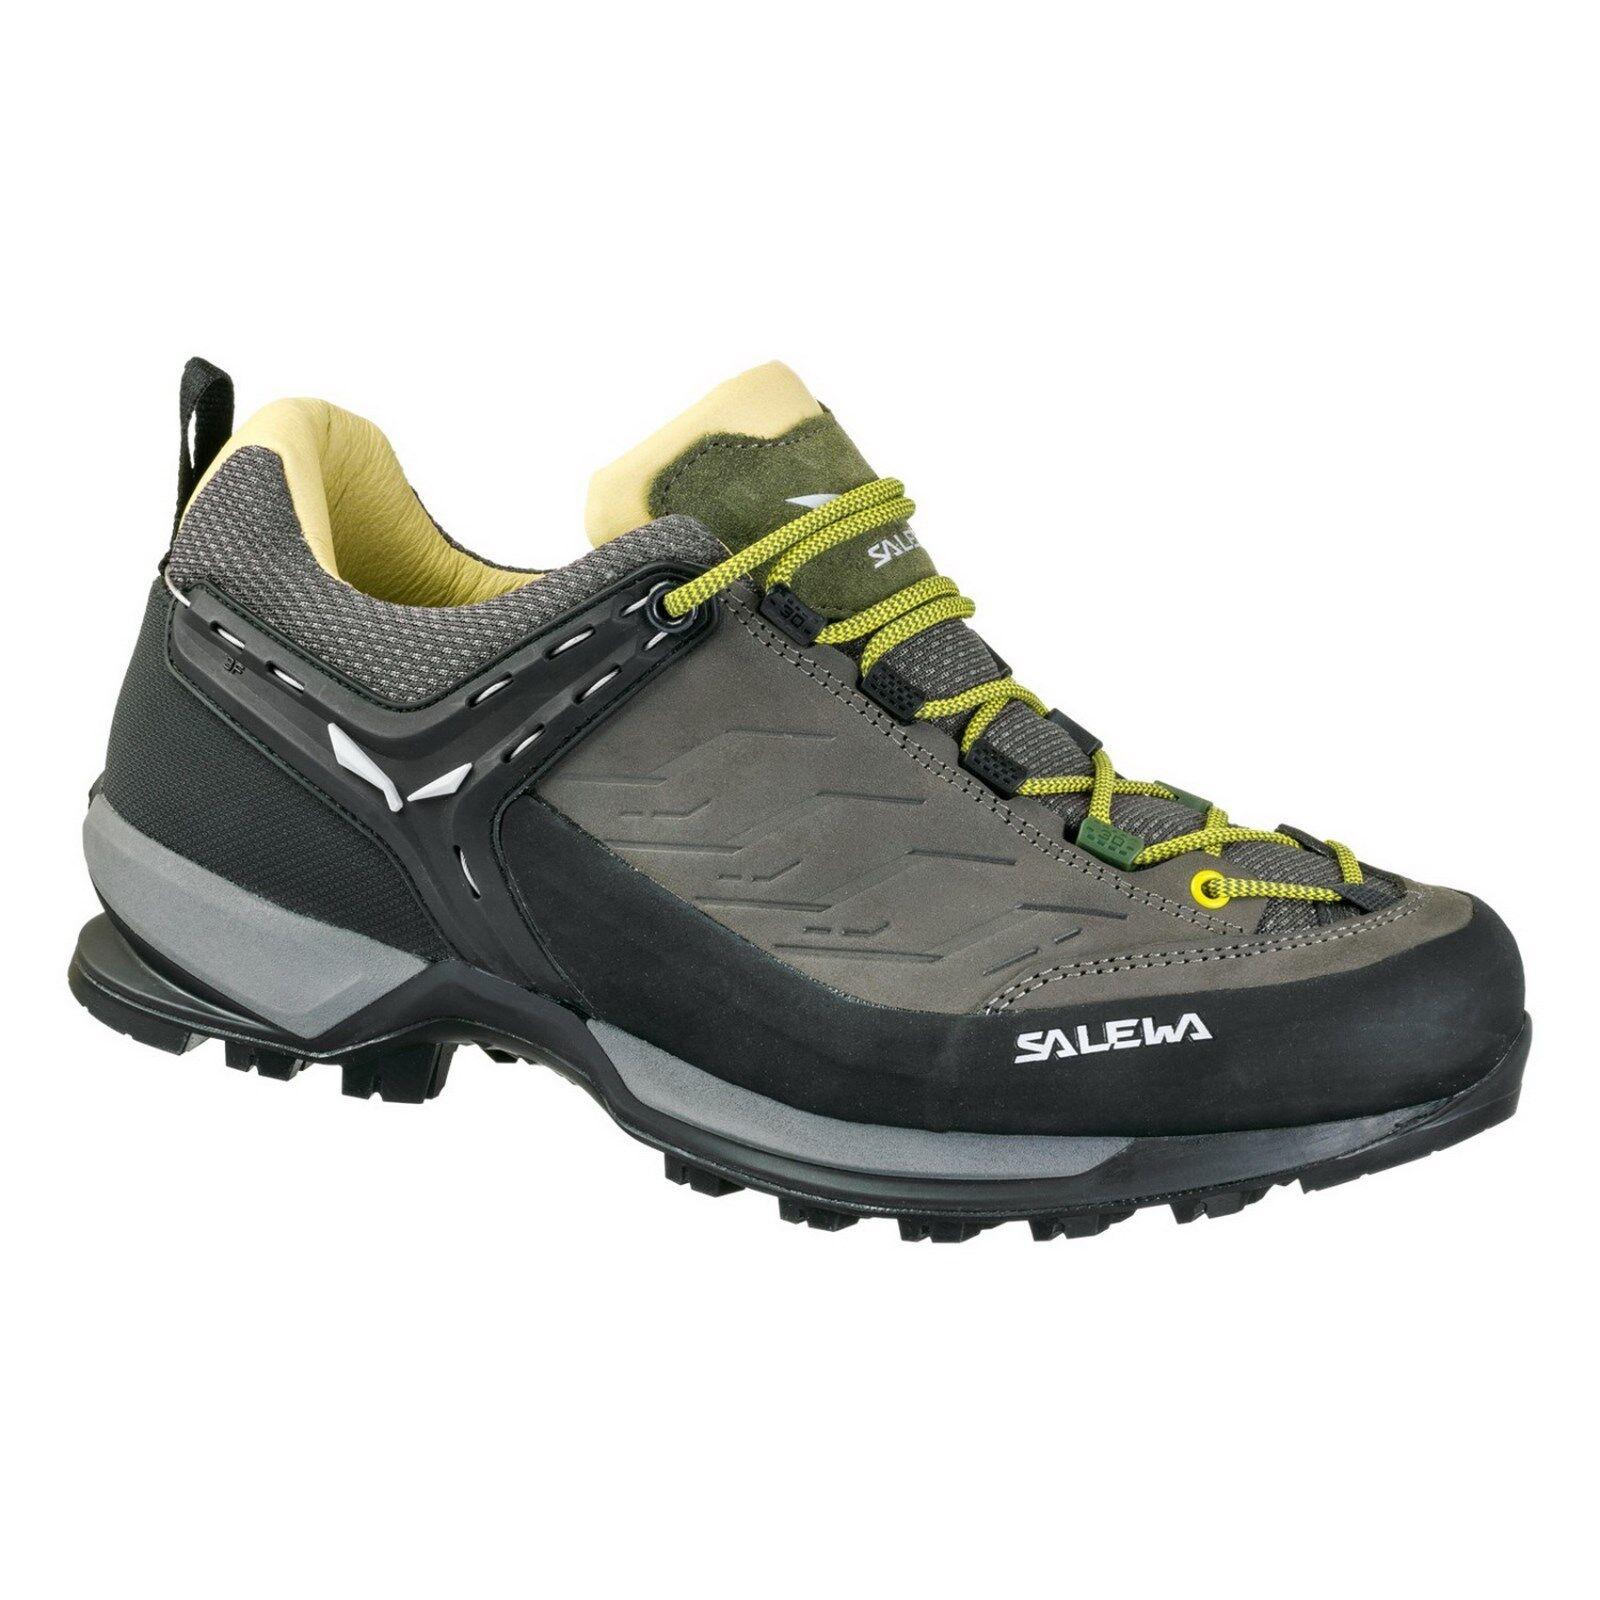 Salewa señores botín de senderisml, zapatos de piel MTN entrenador Leather Man Salewa  nuevo